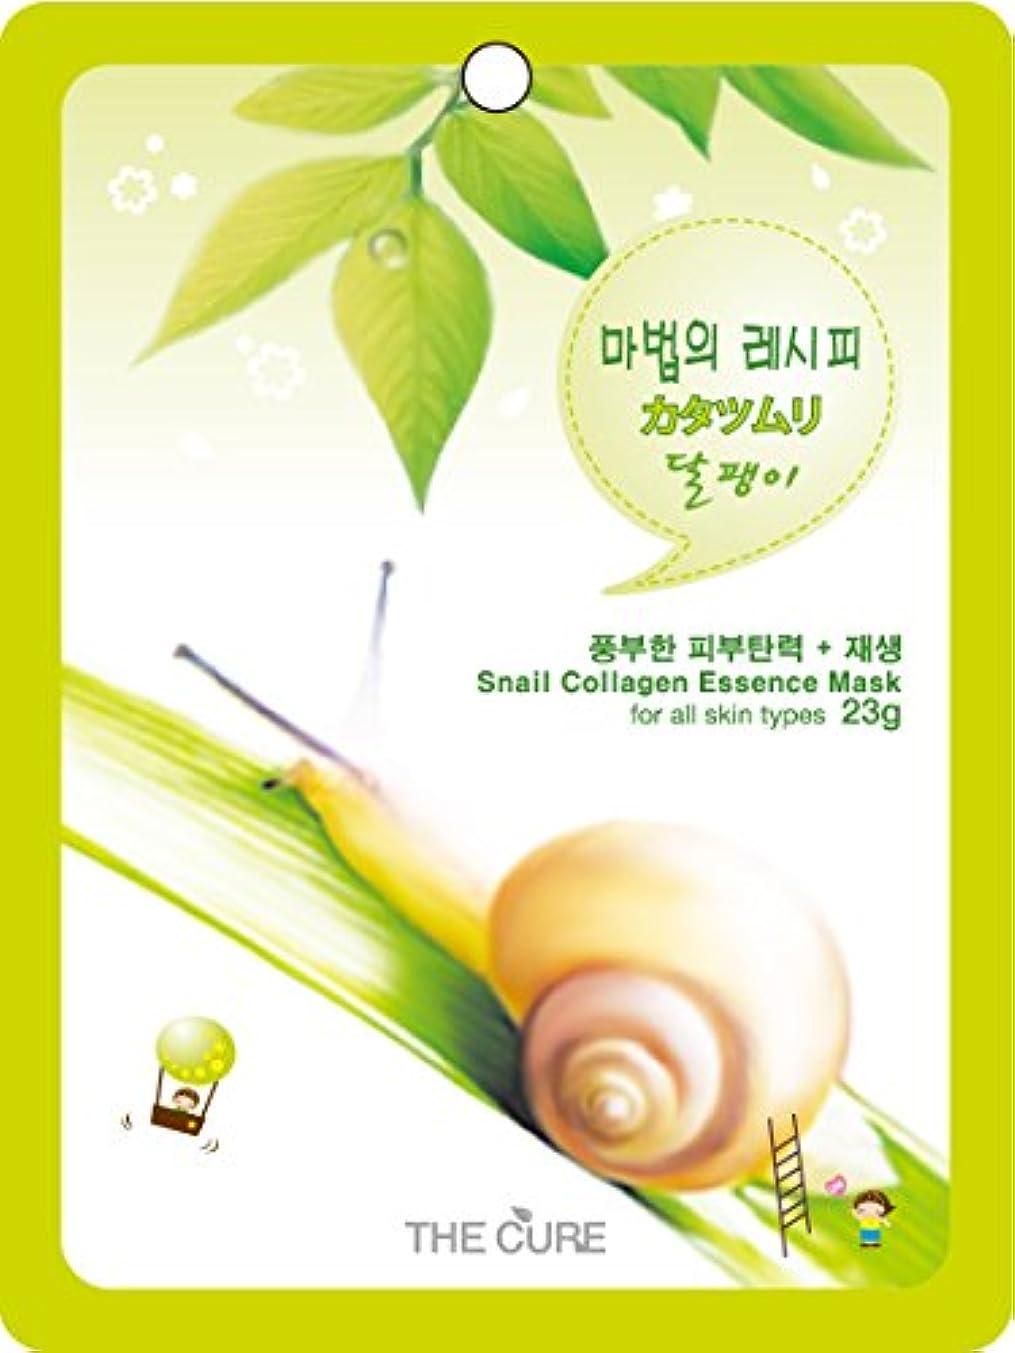 意気消沈したお茶高くカタツムリ コラーゲン エッセンス マスク THE CURE シート パック 100枚セット 韓国 コスメ 乾燥肌 オイリー肌 混合肌